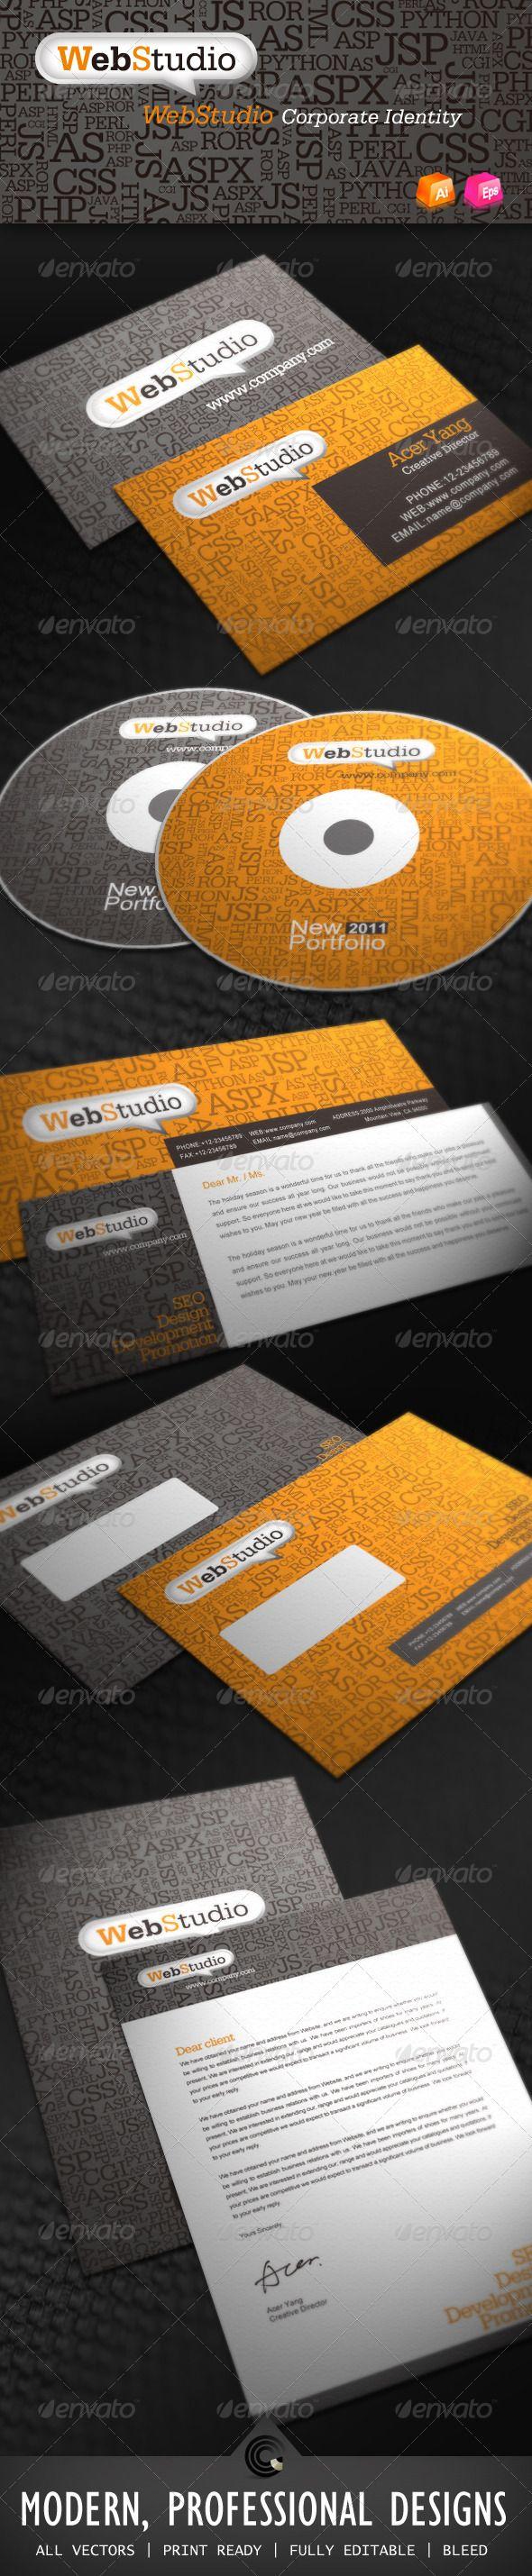 Web Studio Corporate Identity GraphicRiver File